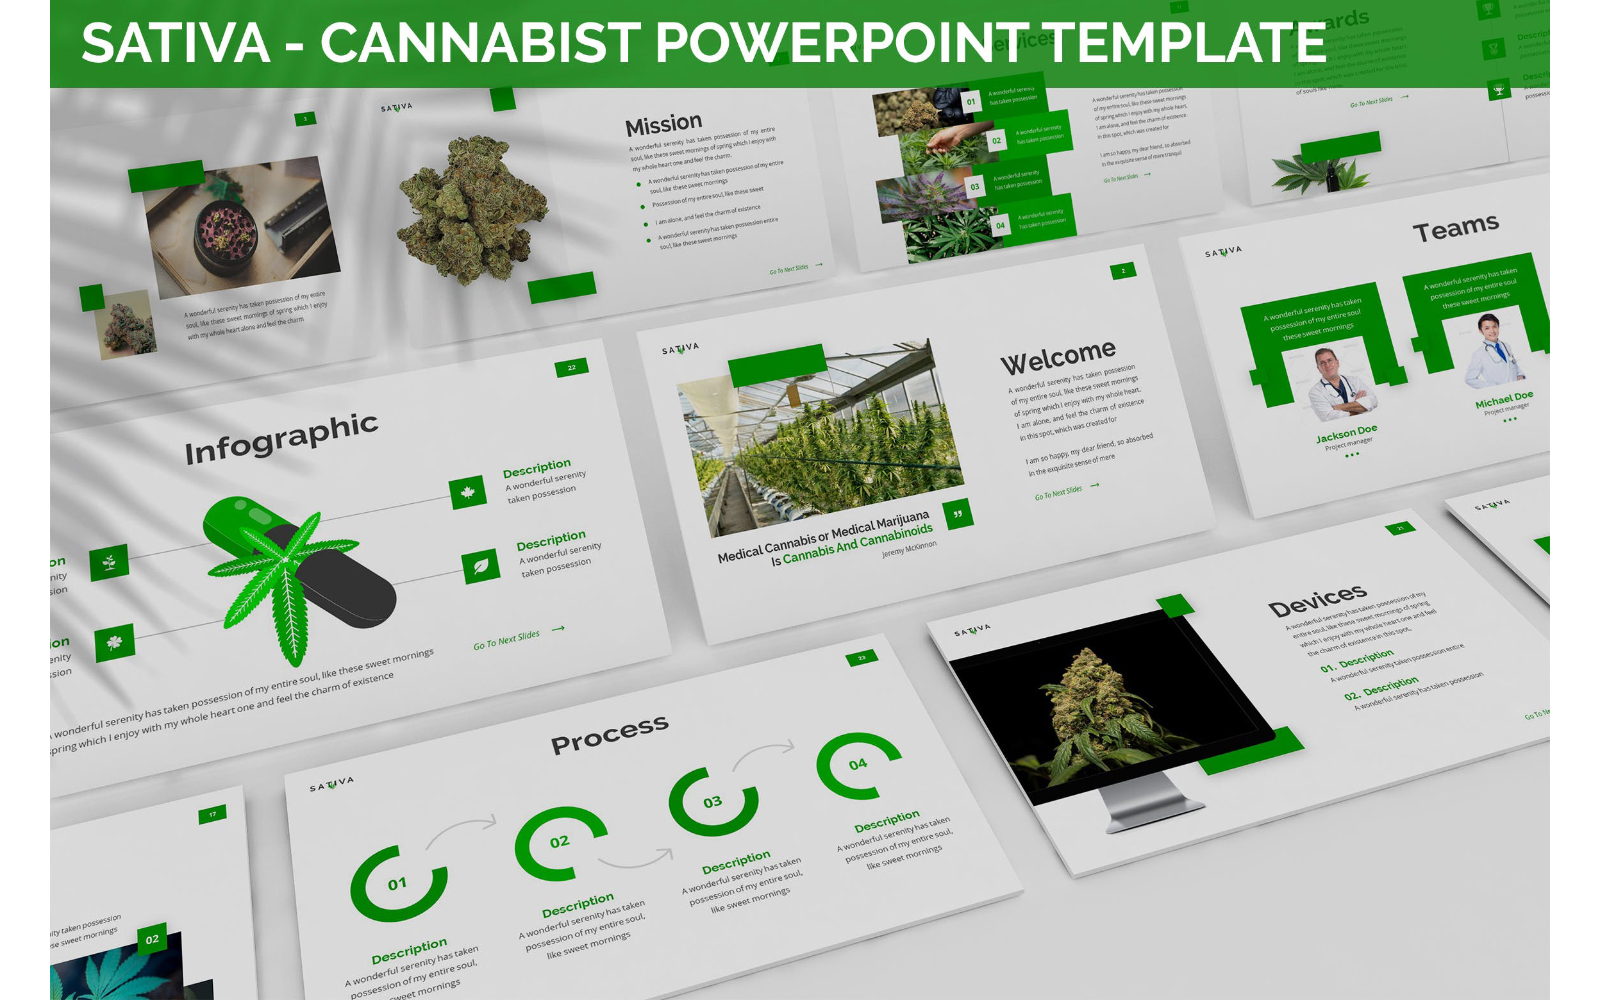 Sativa - Cannabist Powerpoint Template